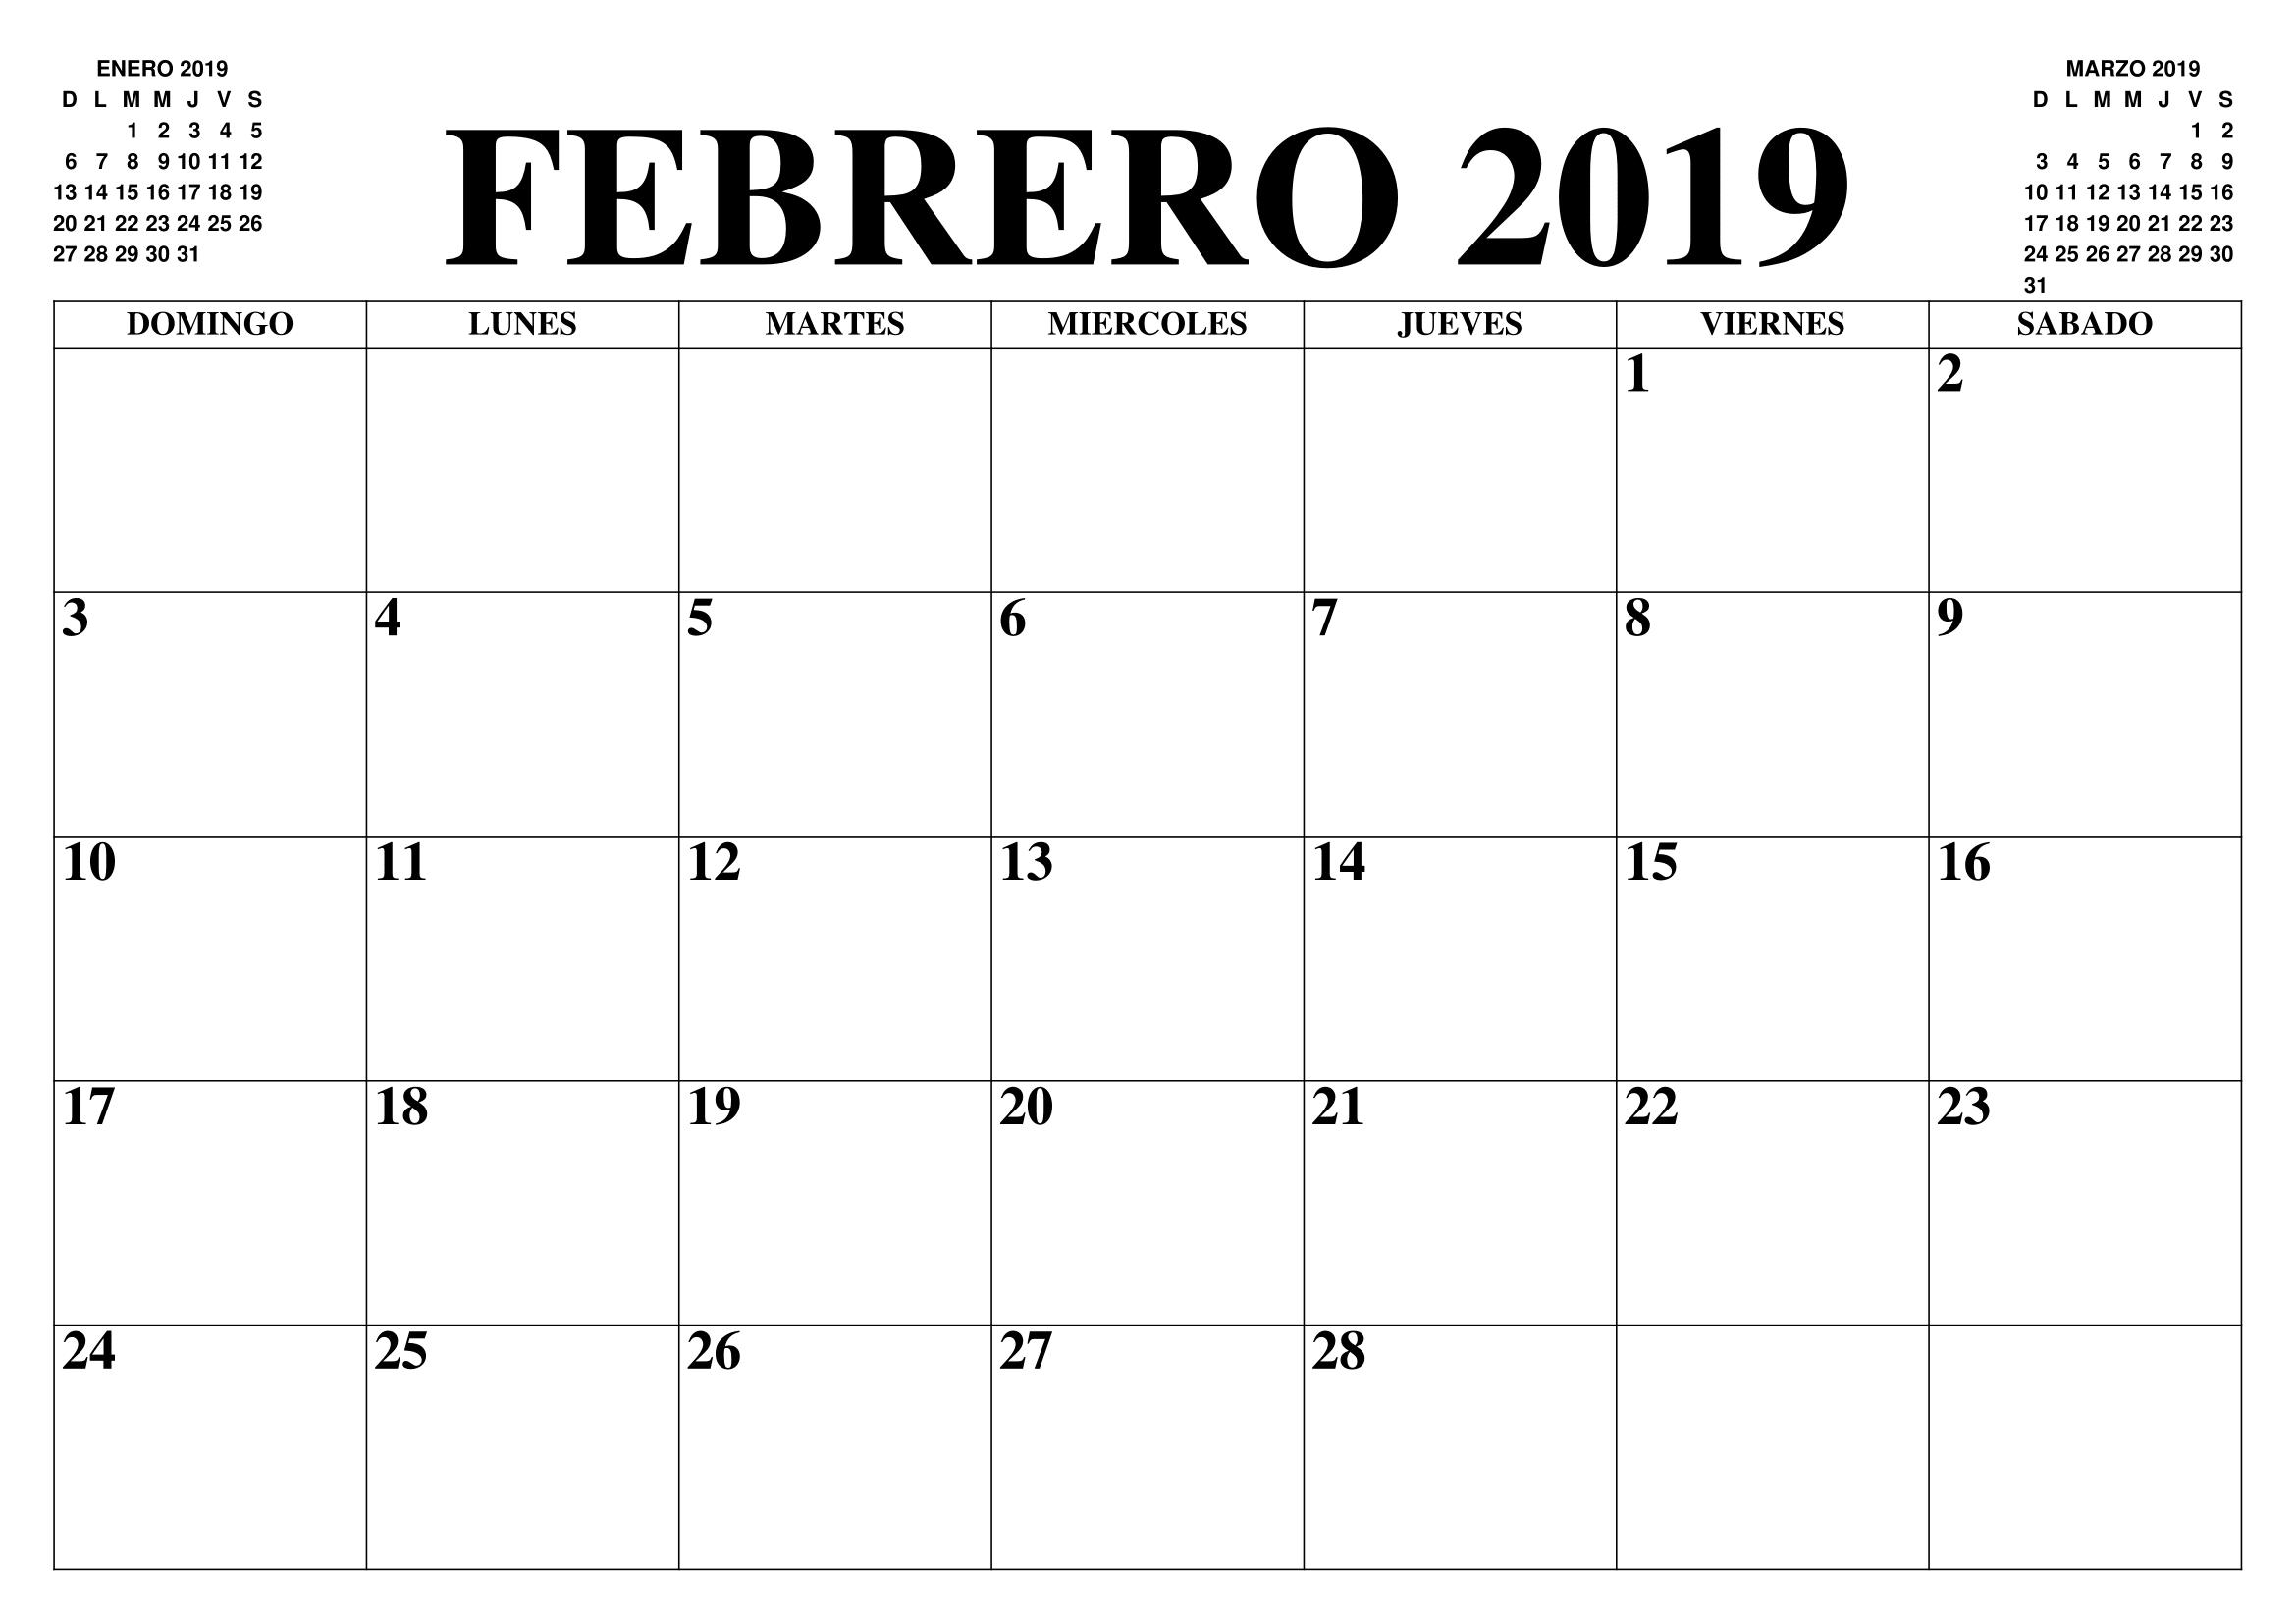 Calendario Word 2019.Calendario Febrero 2019 Word Febrero Febrero2019 2019calendario